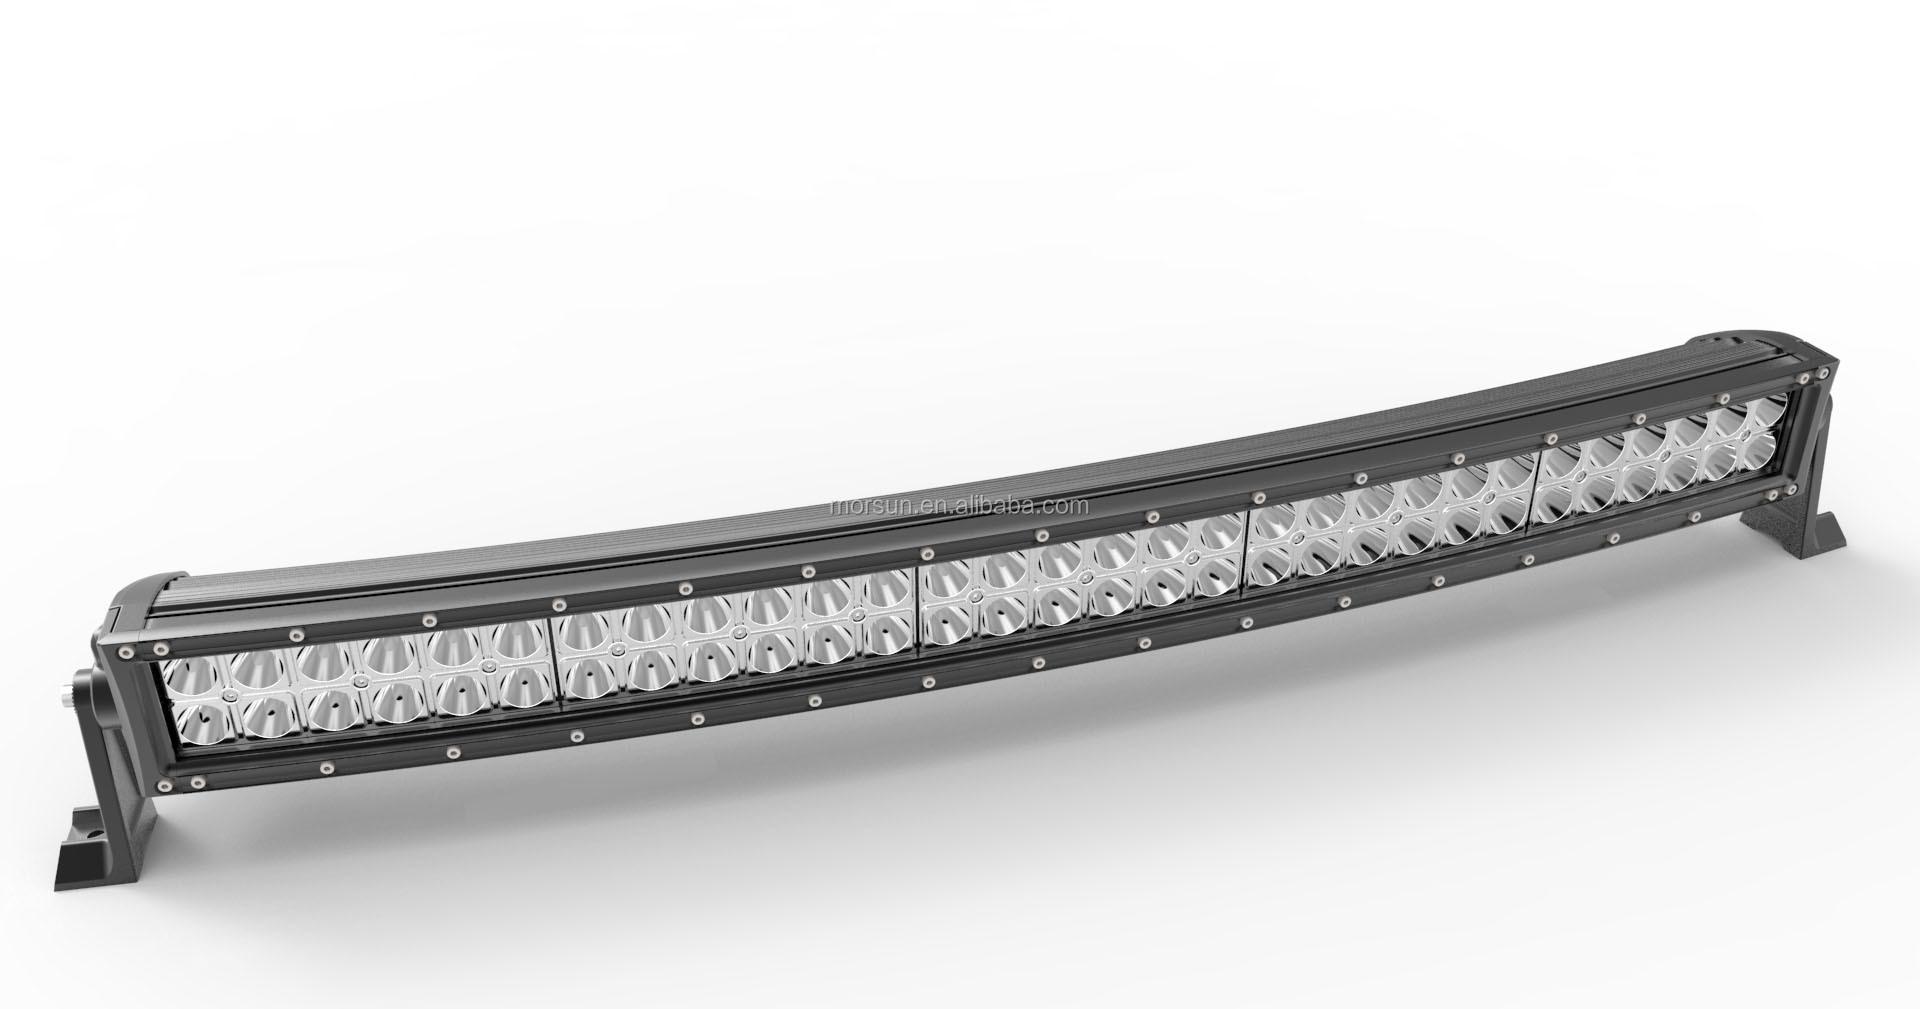 Curved Led Light Bar 50 Inch Cr Ee 288 Watt,Auto Led Light Arch ...